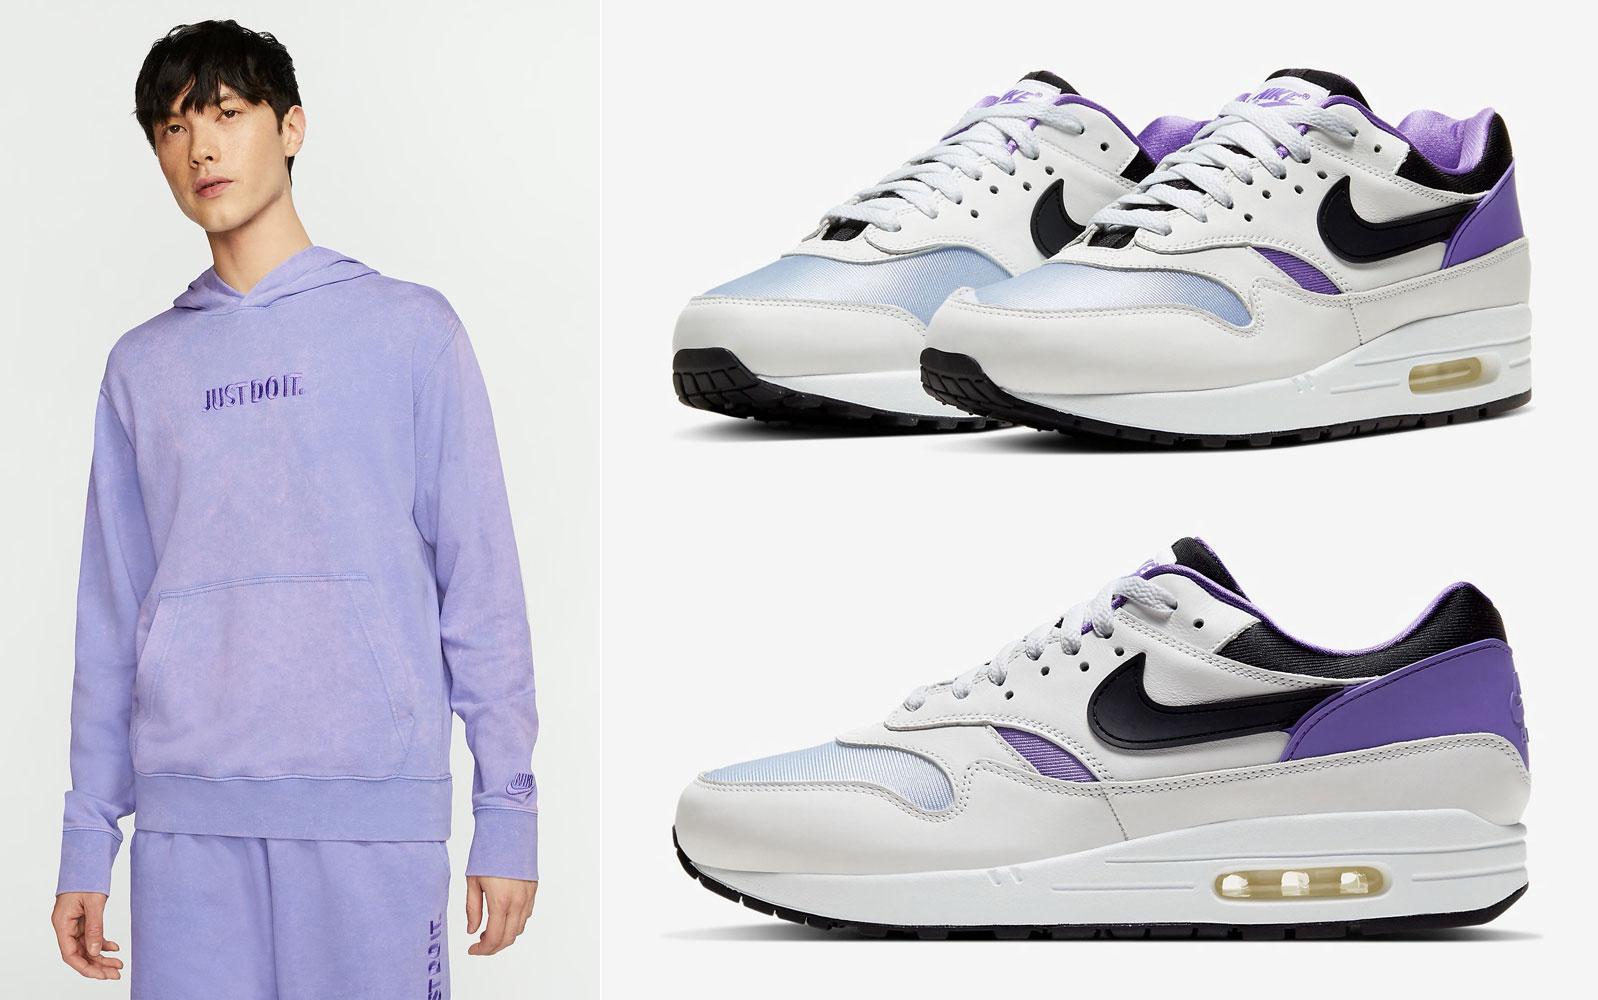 nike-air-max-1-dna-ch-1-huarache-purple-punch-clothing-match